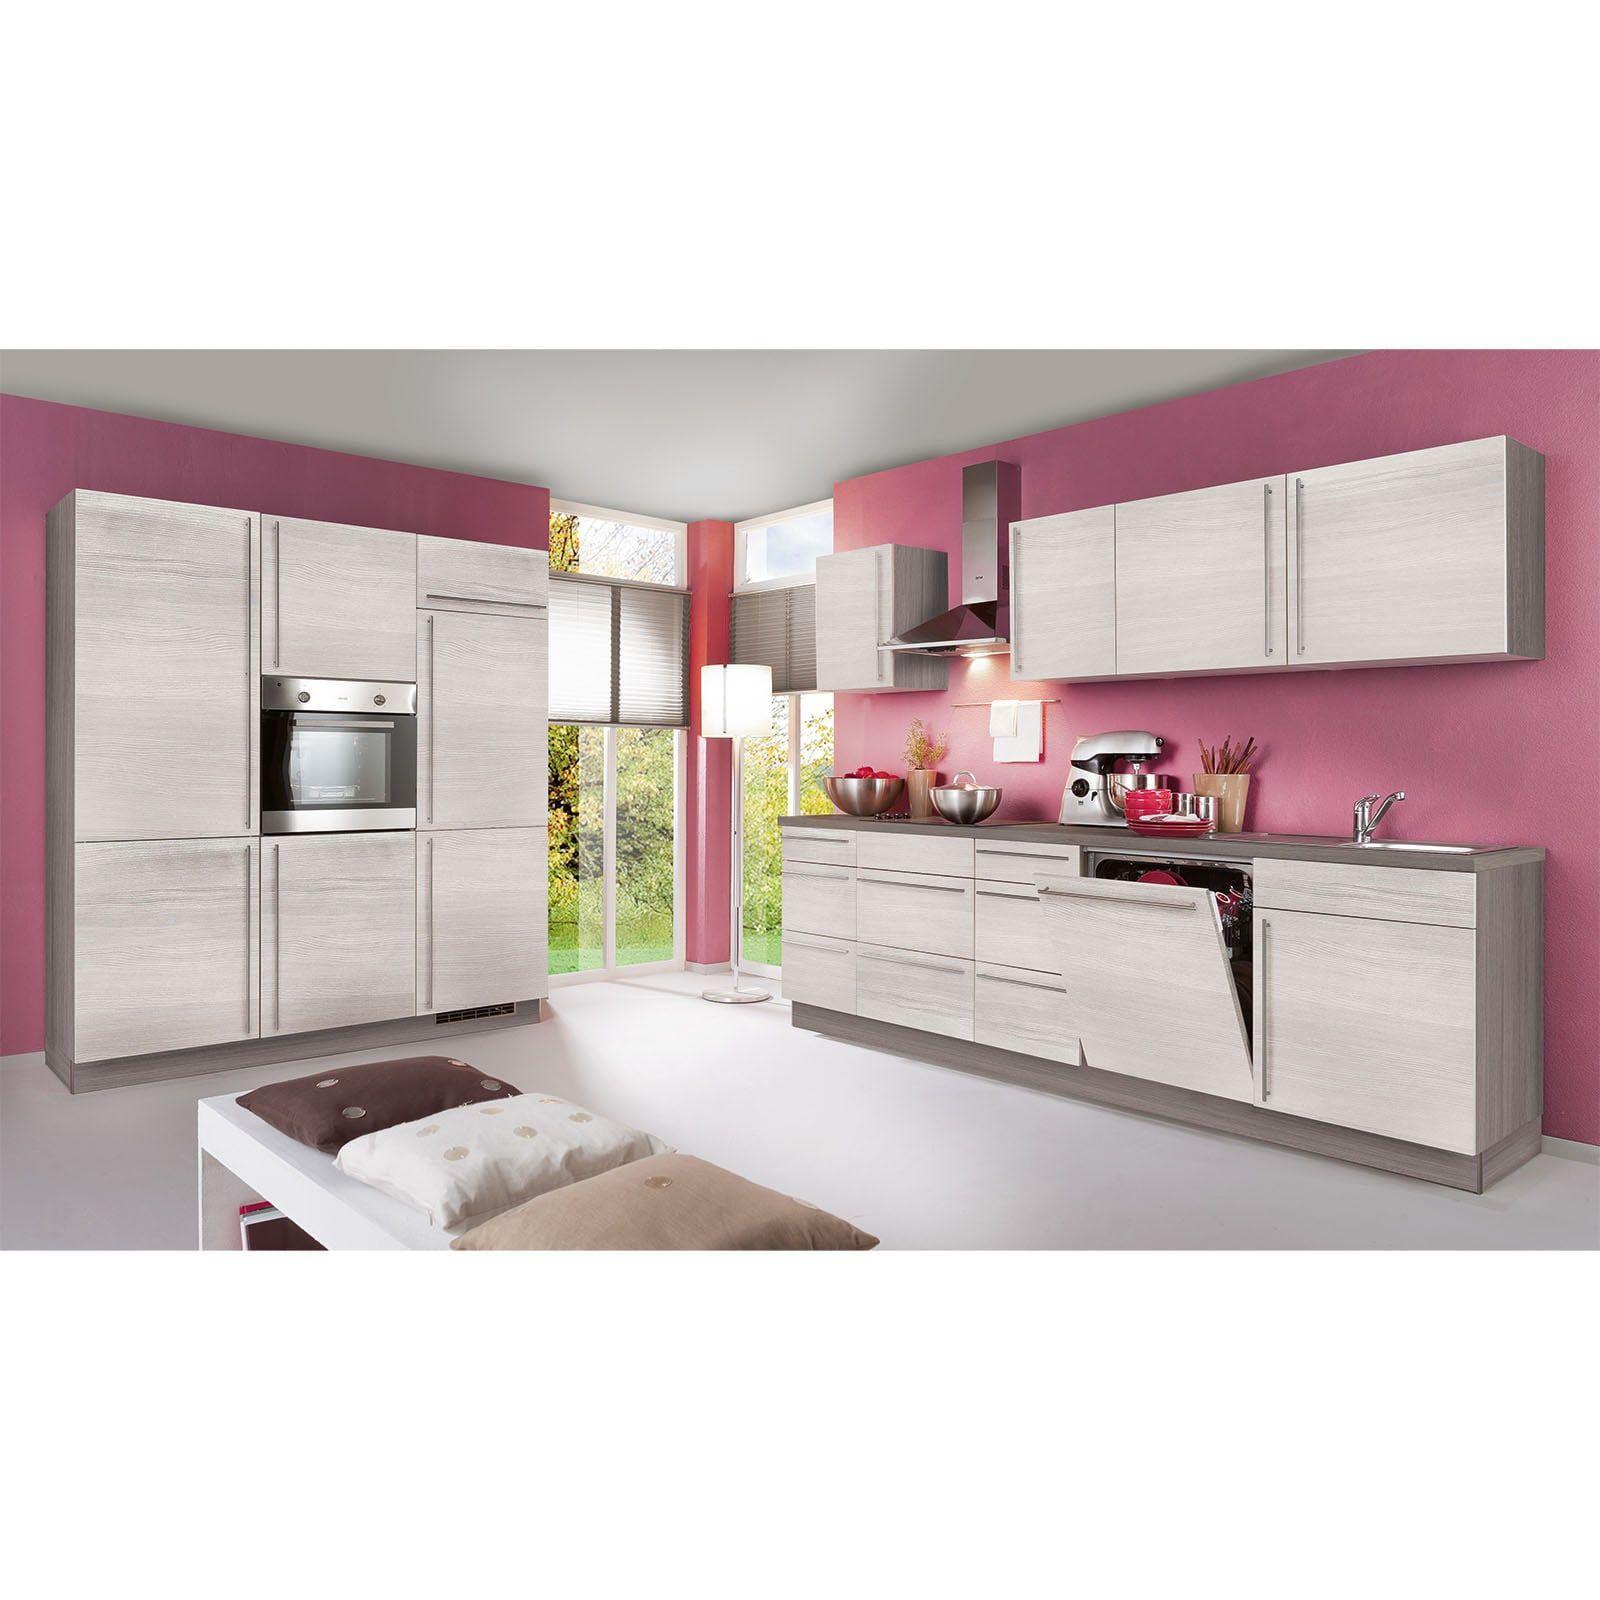 Küchenblock Plan Eiche Weiß Eiche Grau Links Mit E Geräten Mit